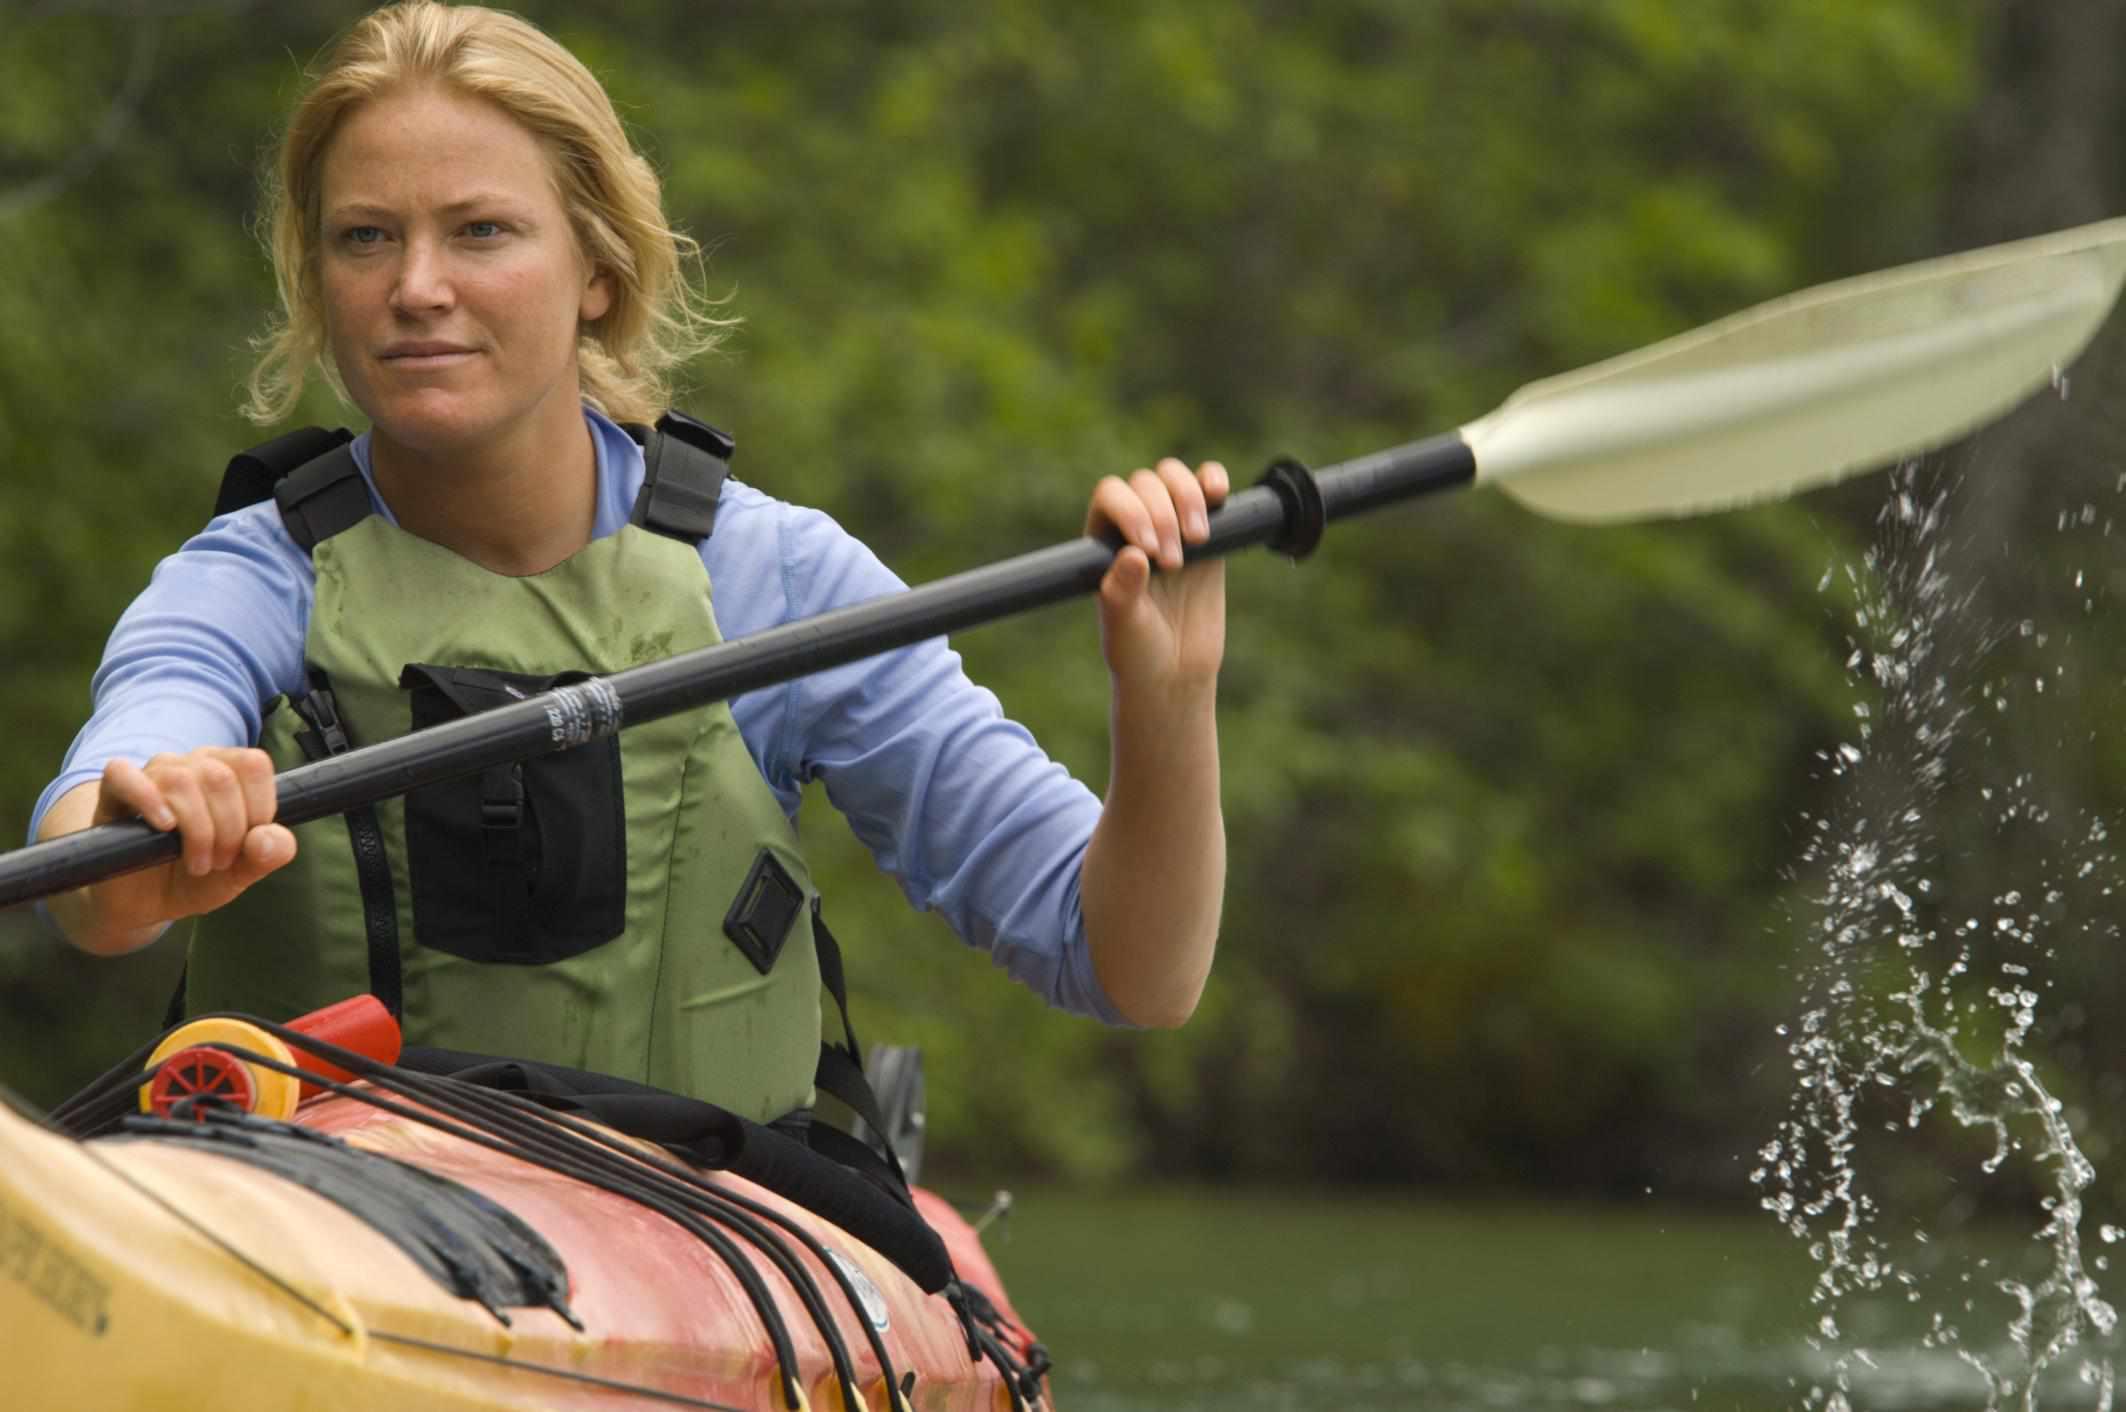 Woman sea kayaking on lush lake